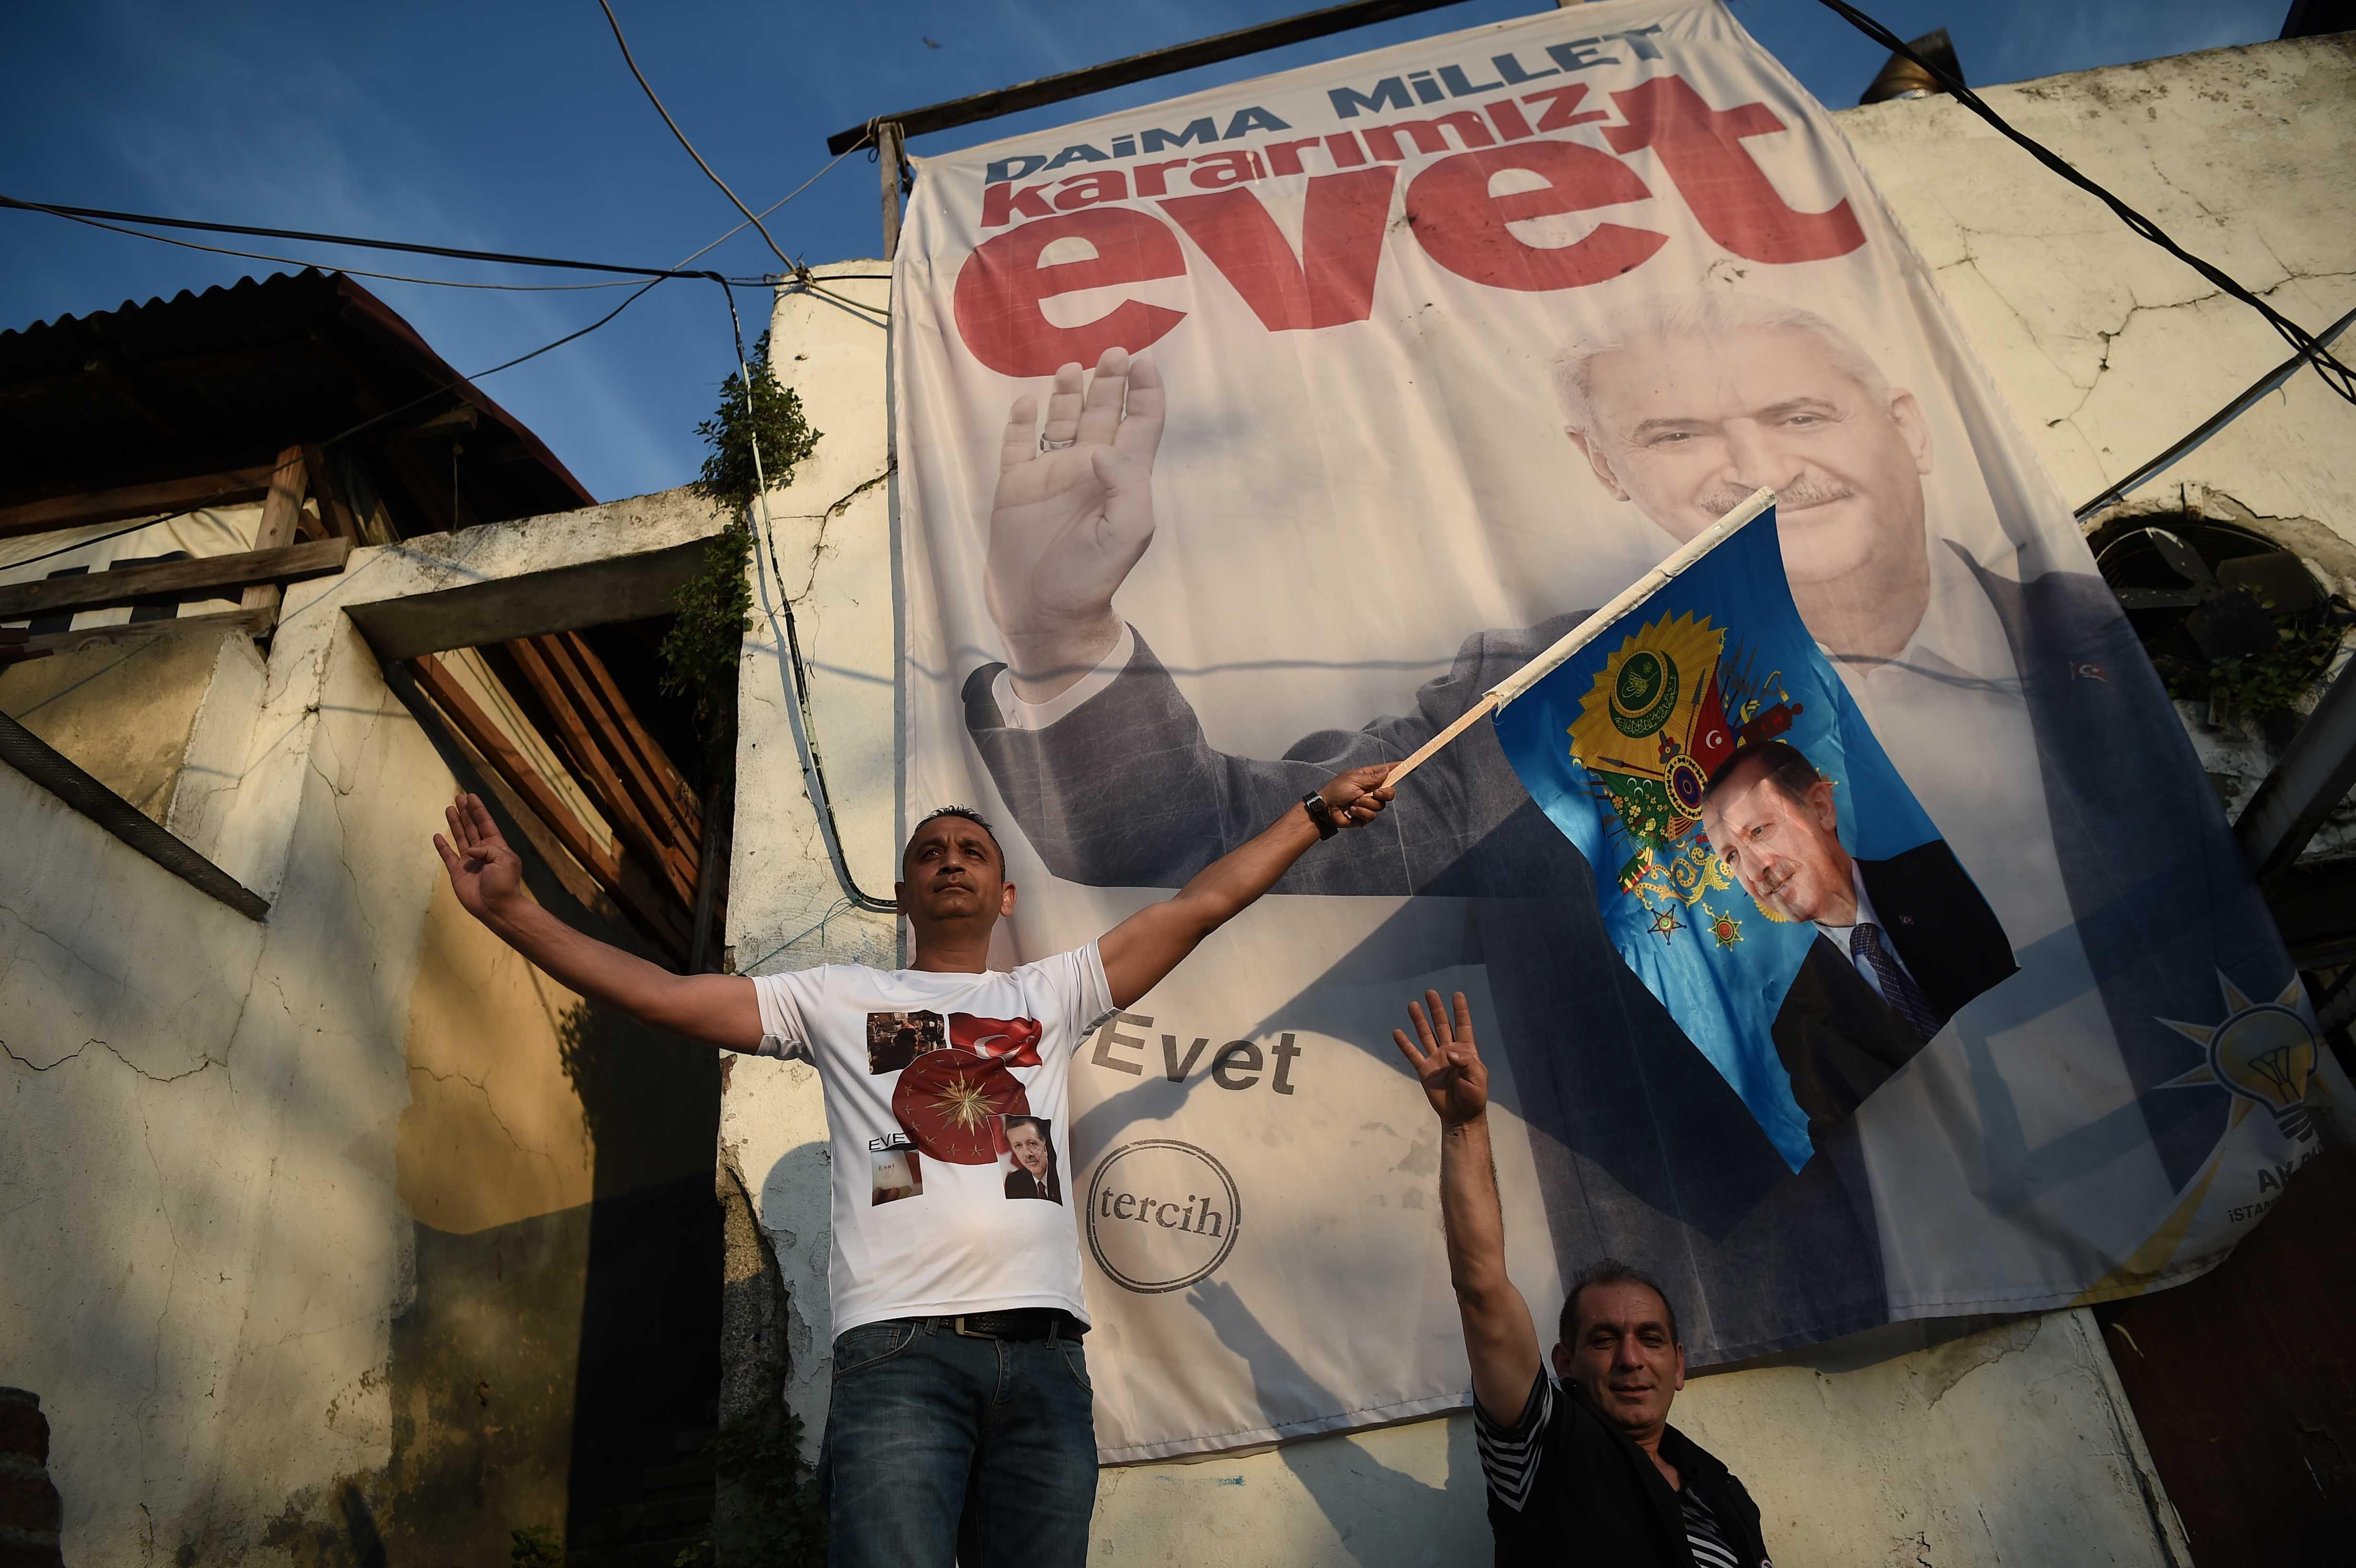 El sí va adelante en el referendo turco, de ser así el poder de Erdogan se ampliará